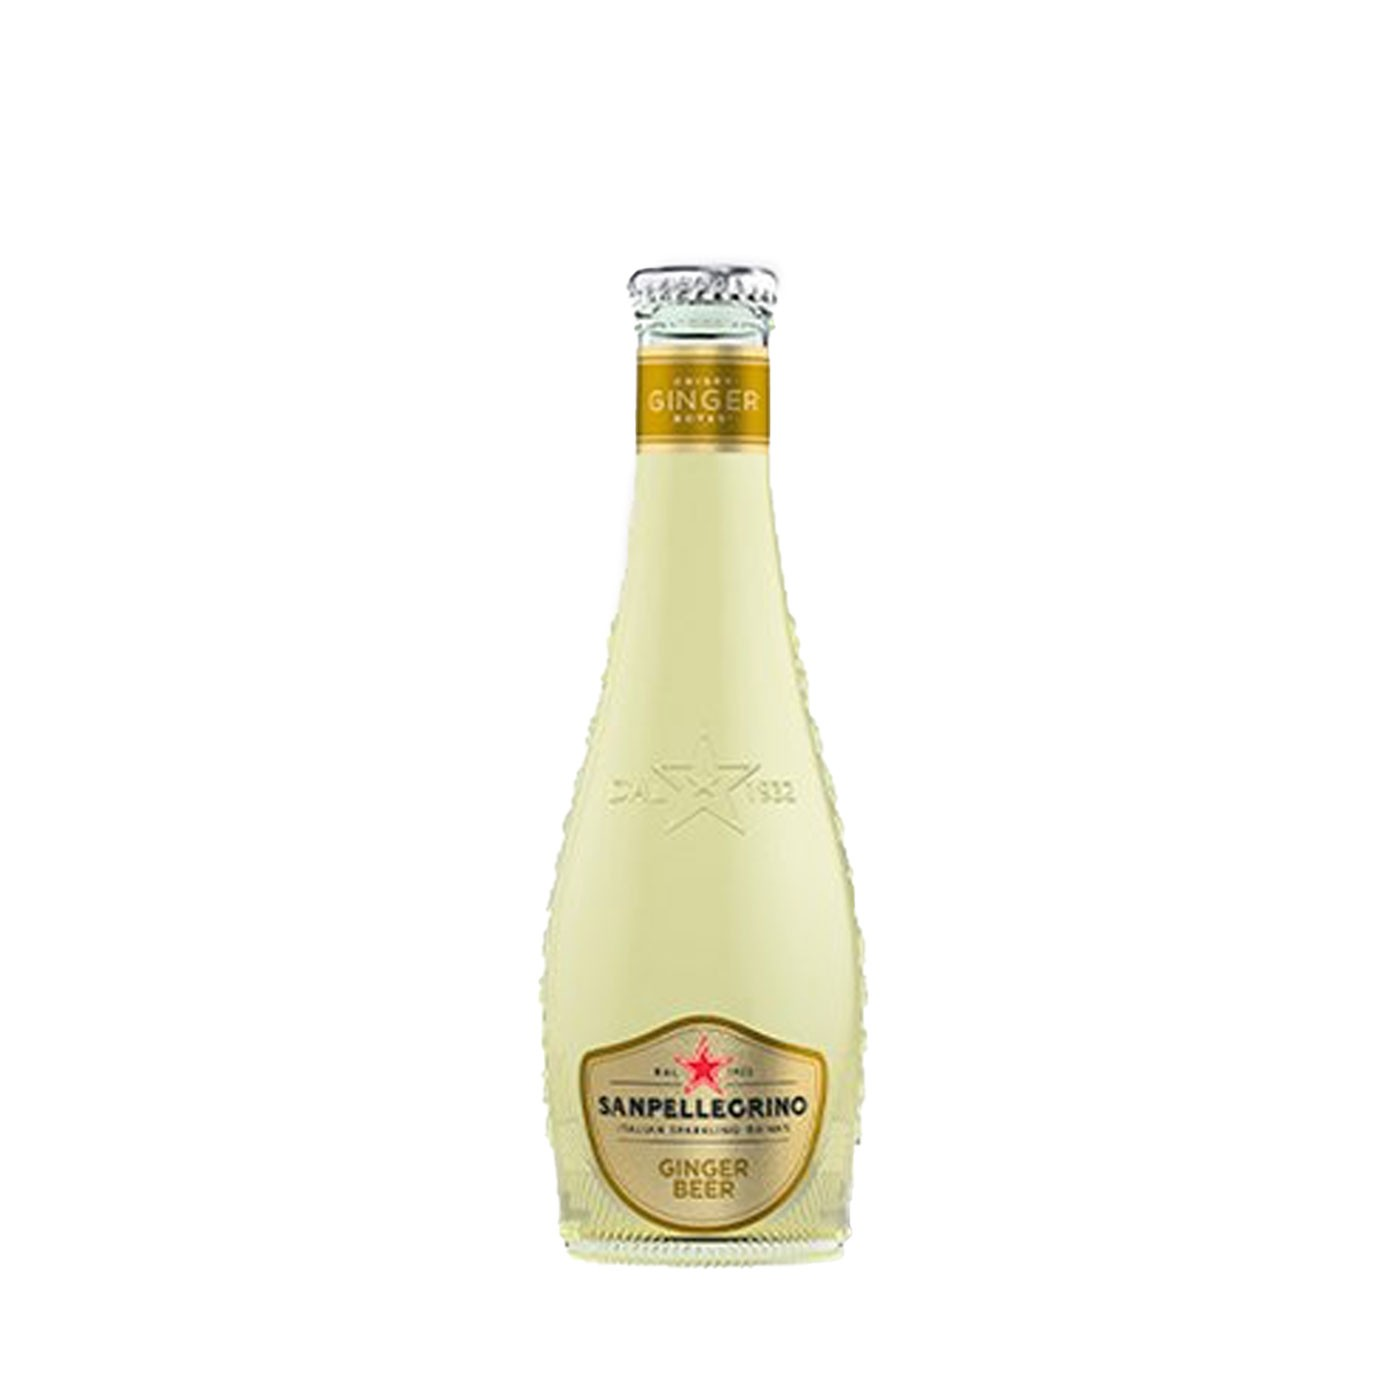 Ginger Beer 6.7 oz